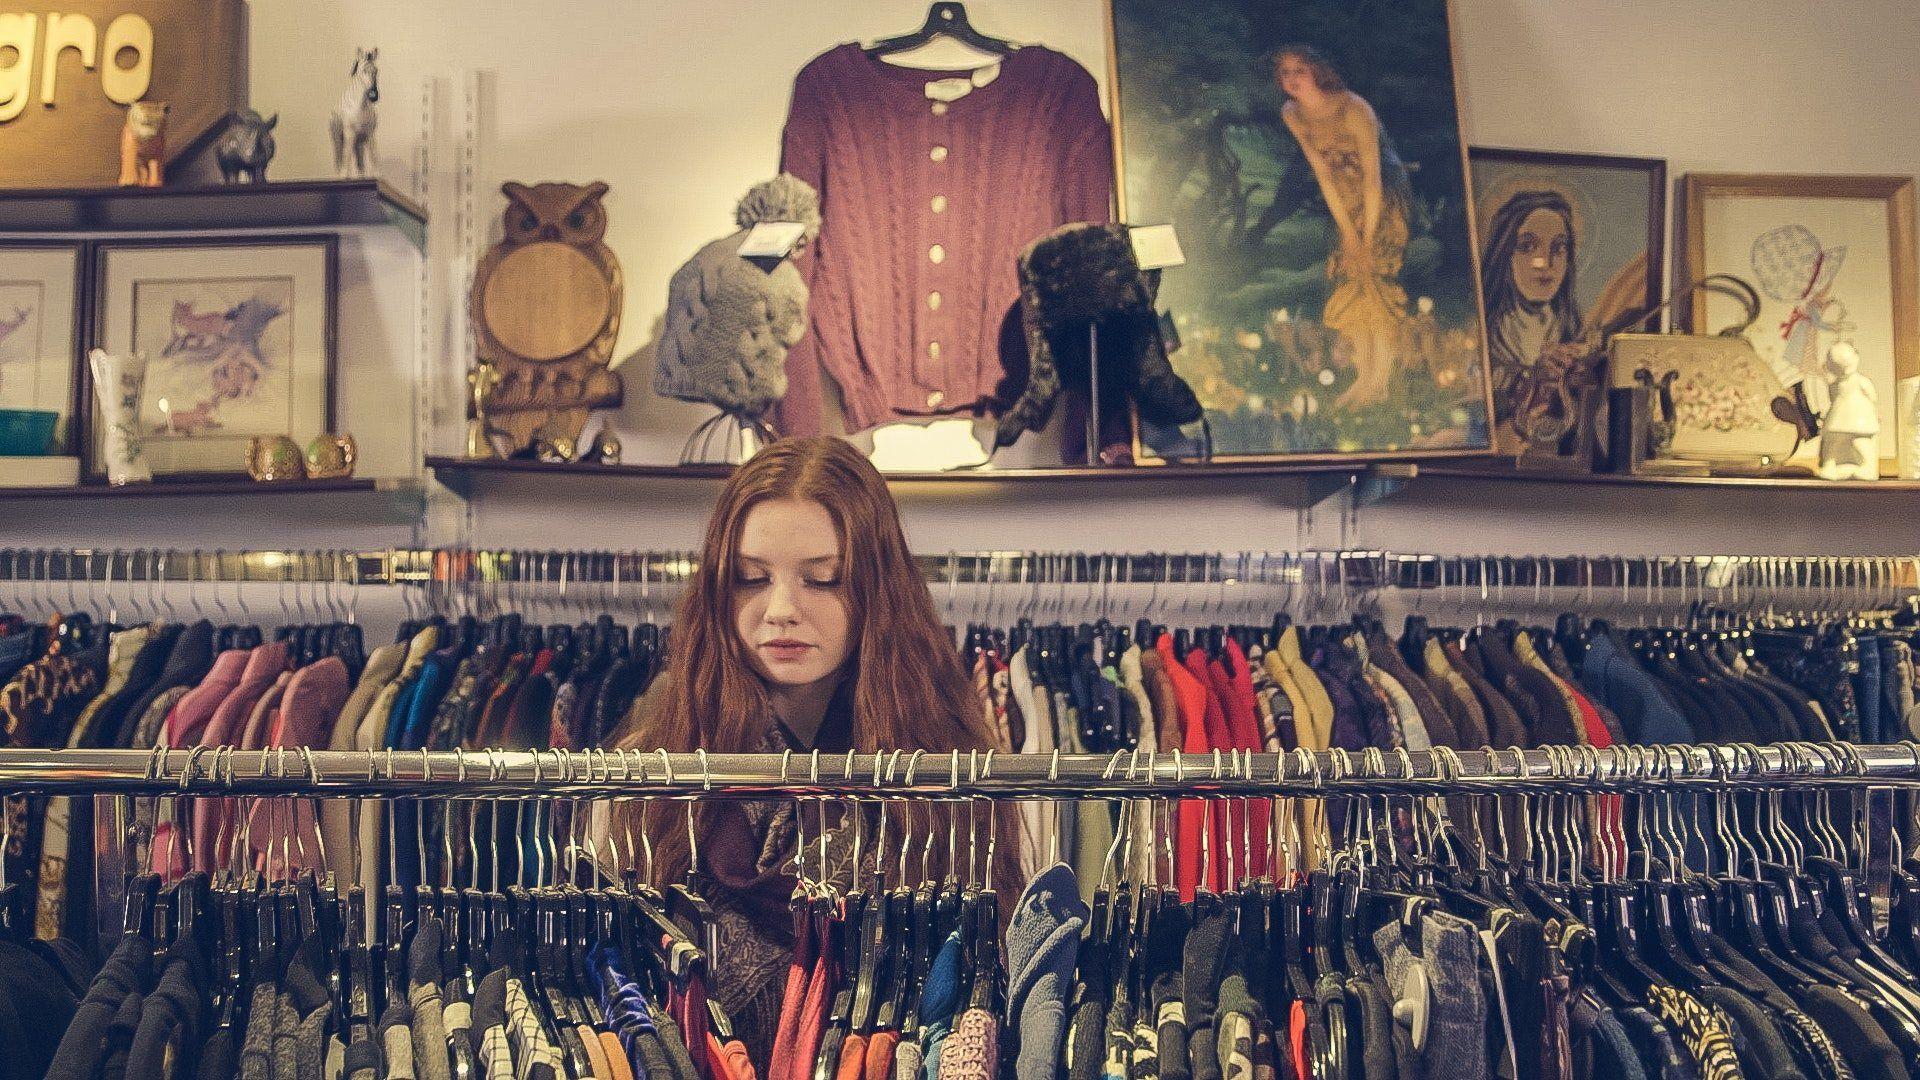 La ropa del futuro: reciclaje y sostenibilidad